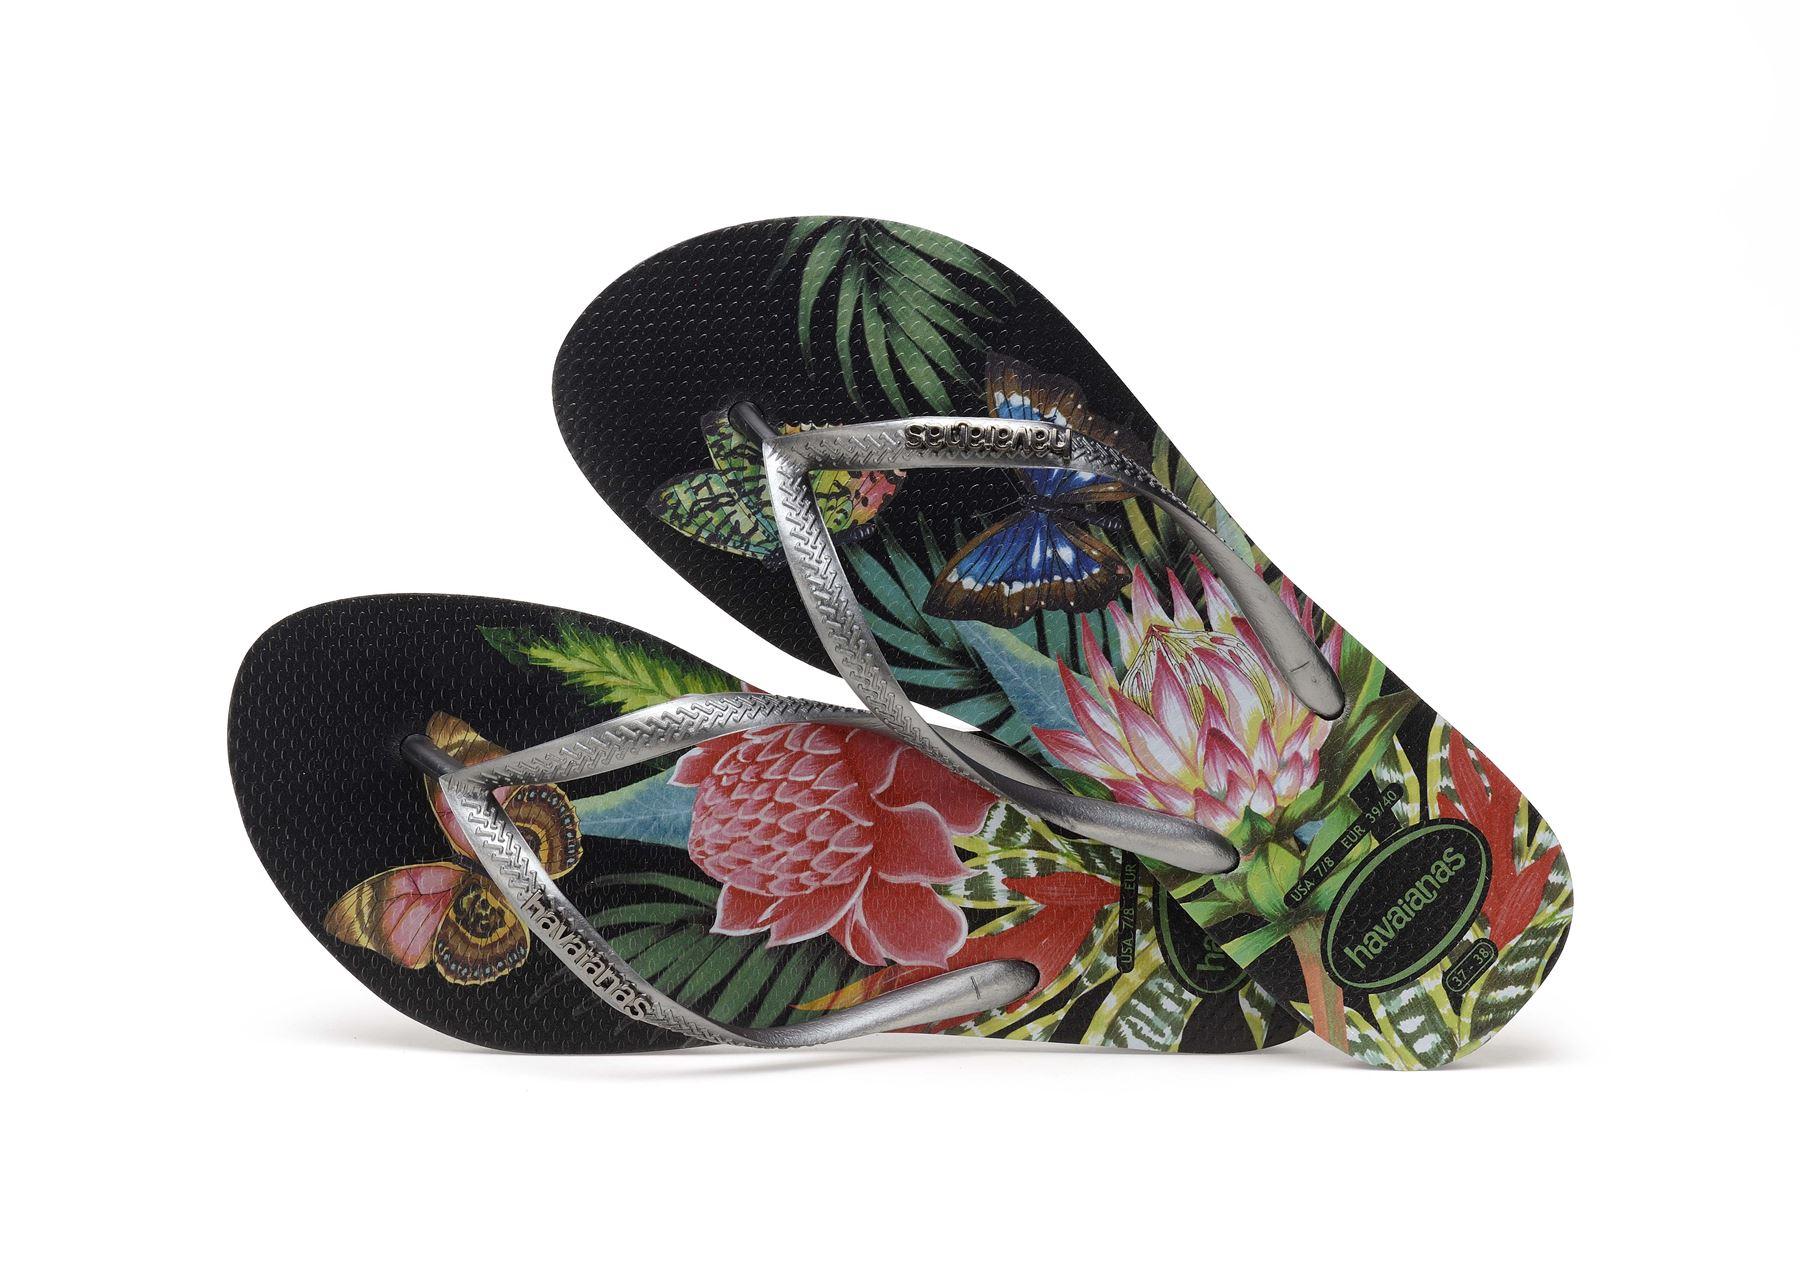 Havaianas-Slim-Tropical-amp-Imprime-Floral-Tongs-Ete-Plage-Piscine-Sandales miniature 5